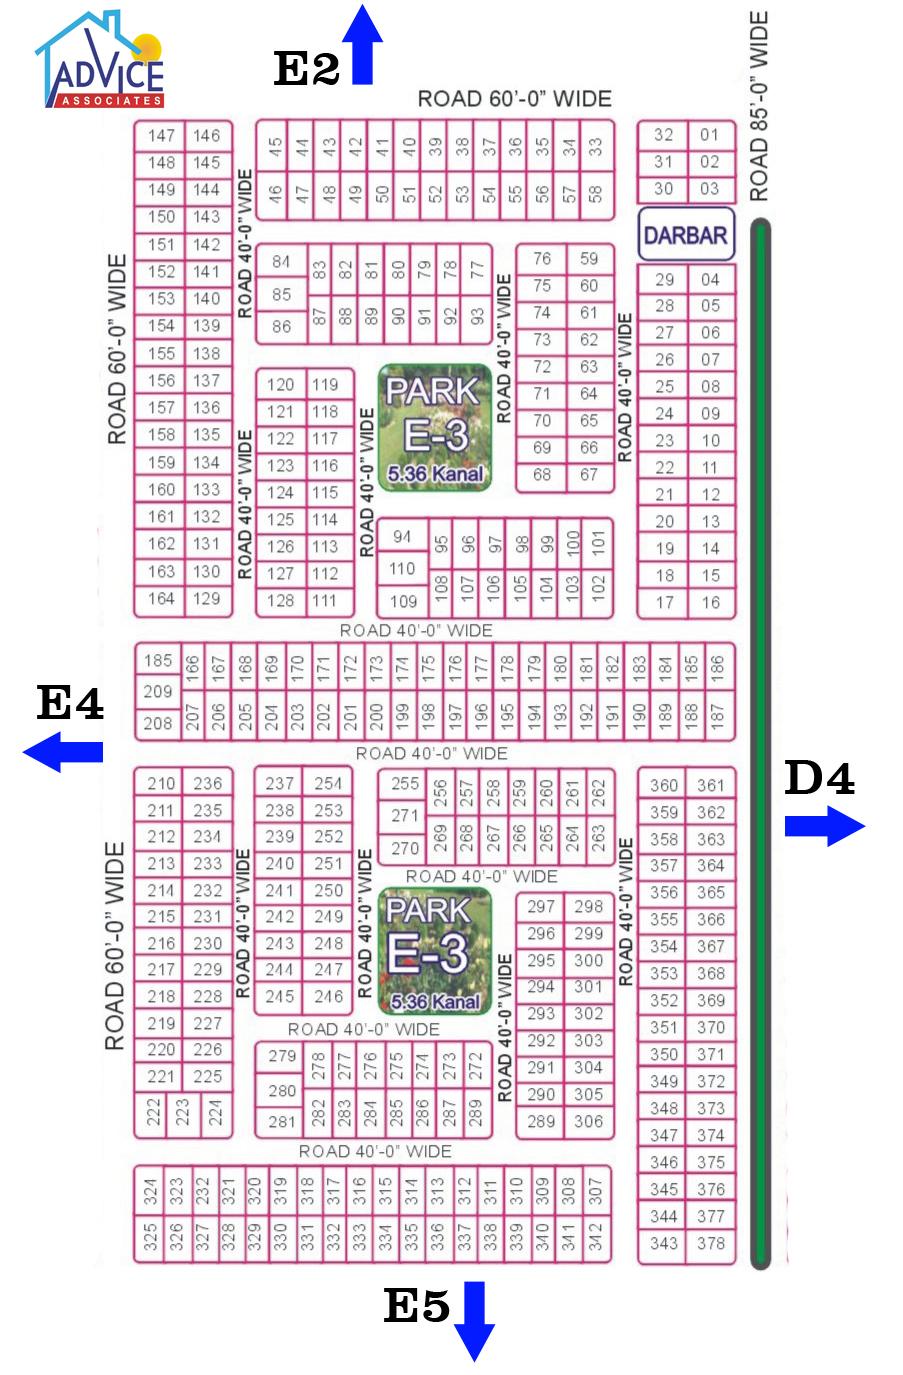 Fda city E 3